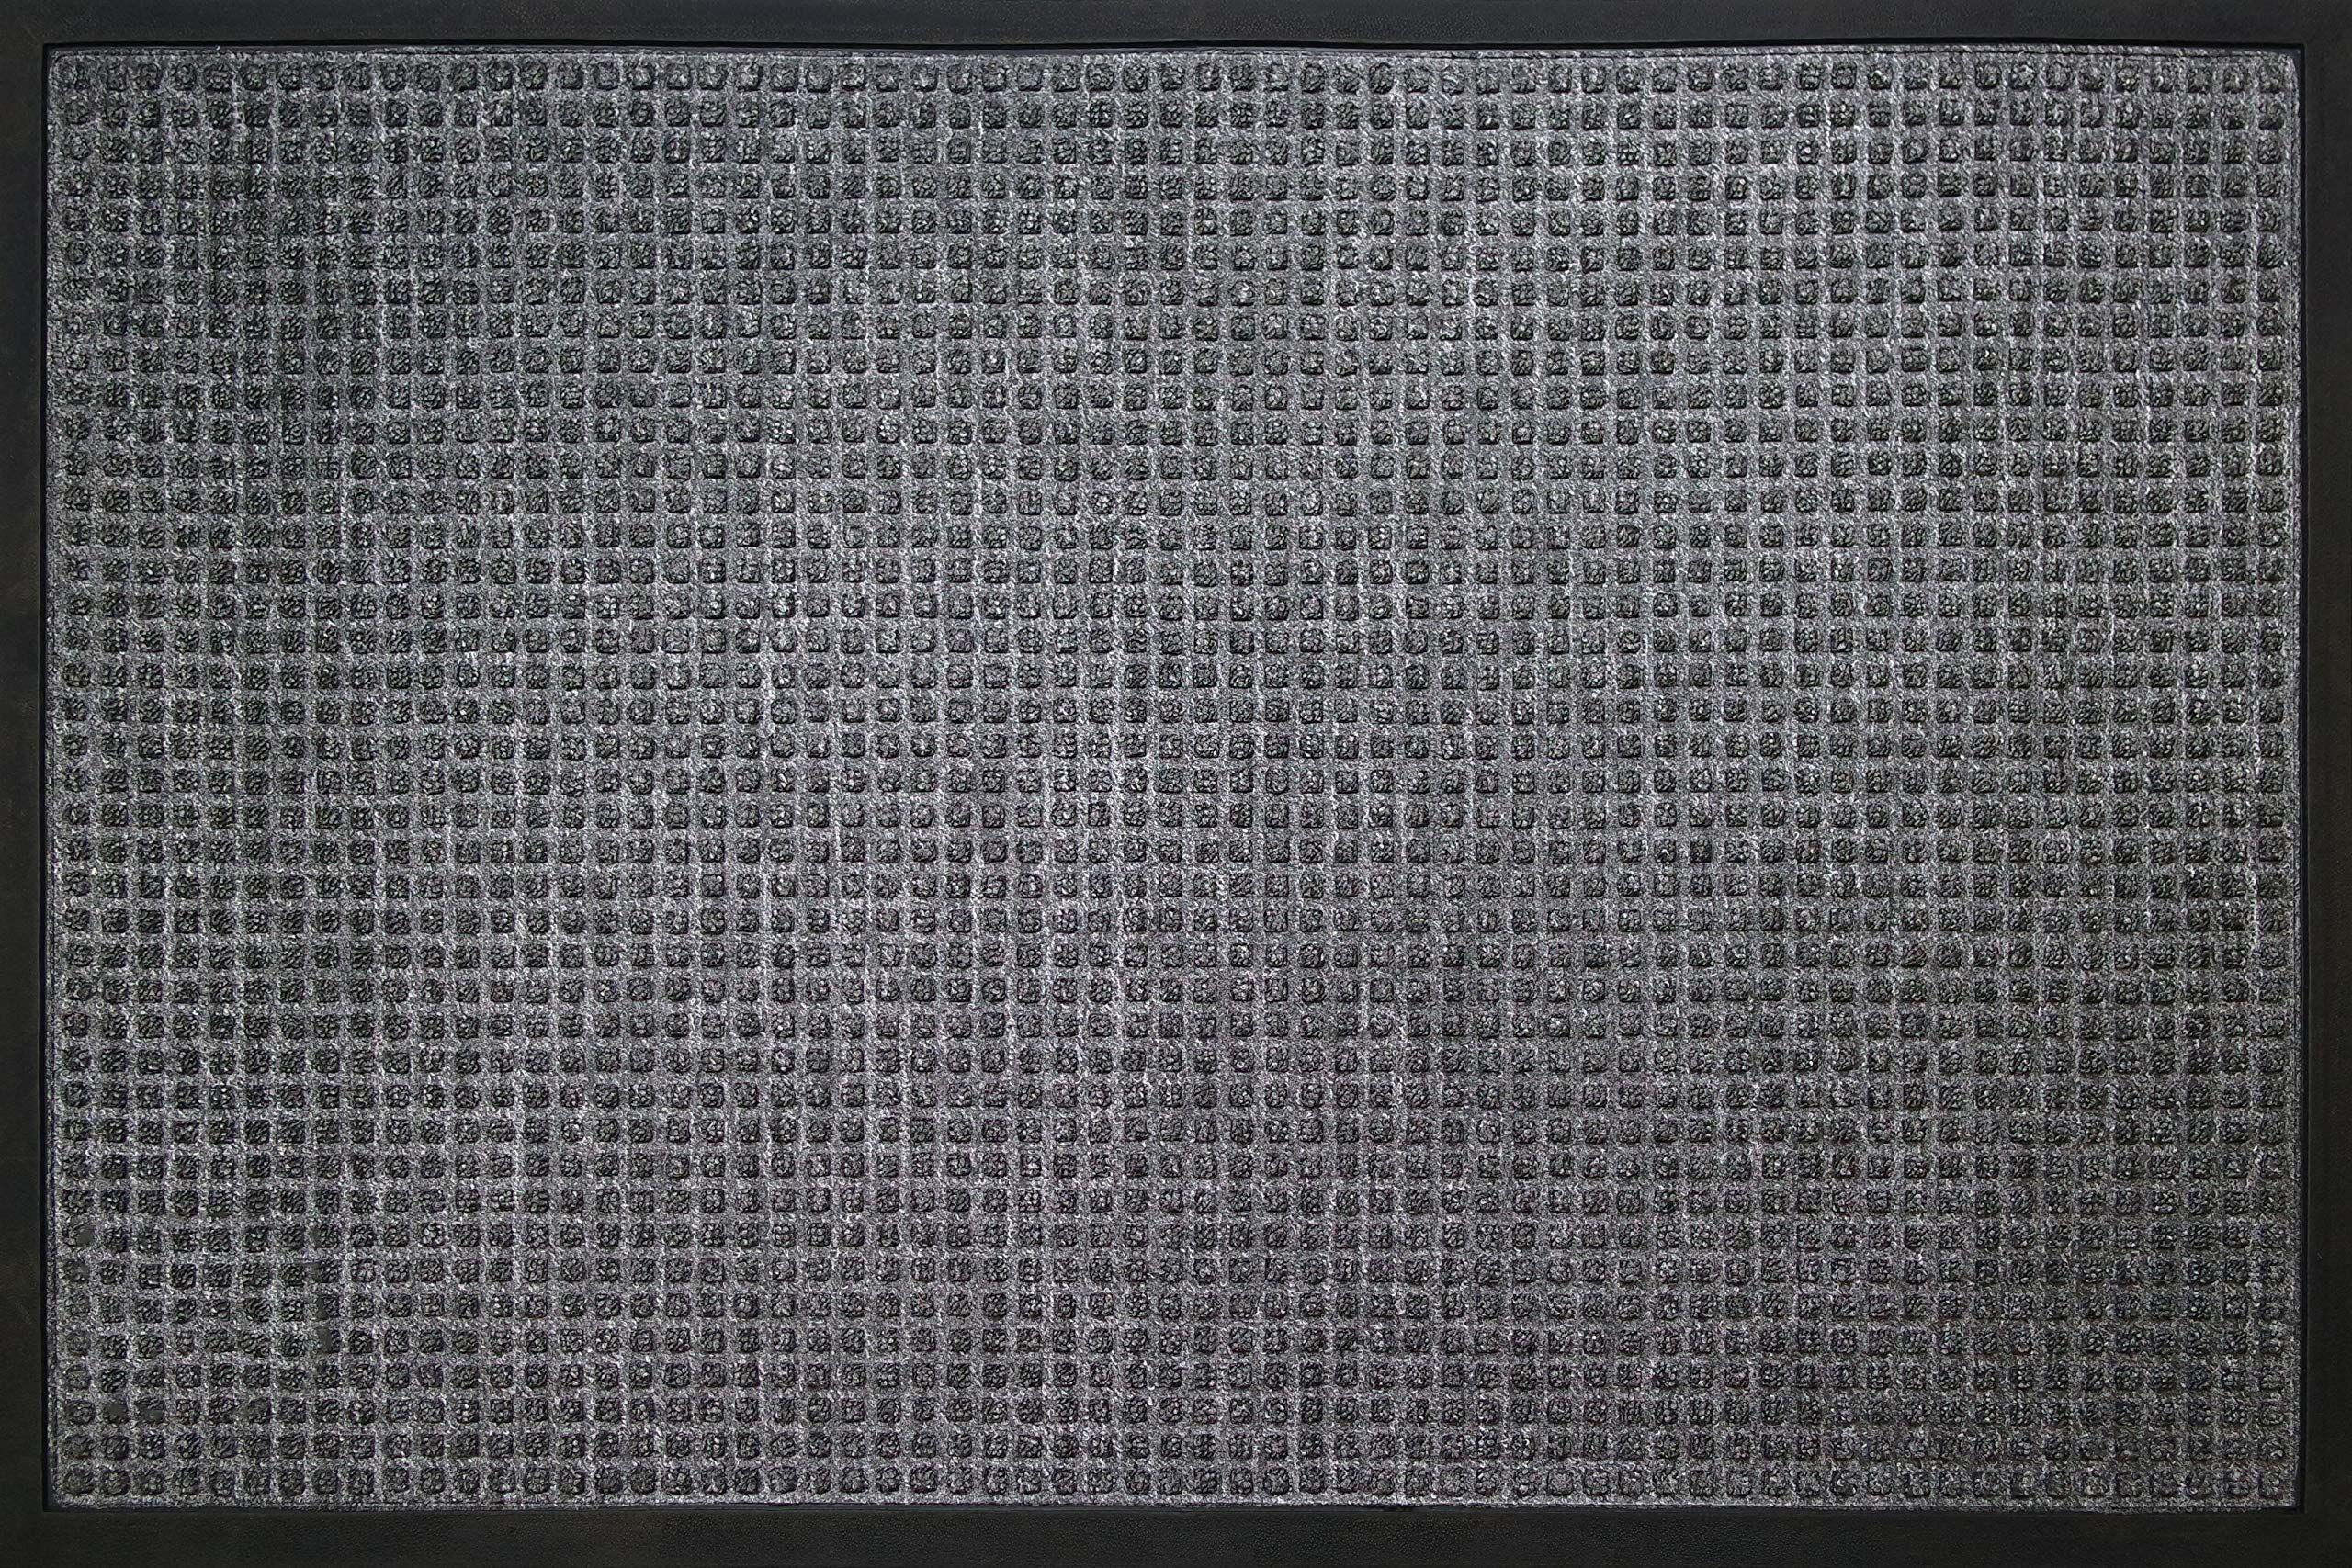 ID Matt 80120 02 AusAusCarre dywan wycieraczka włókno polipropylenowe/guma szary 120 x 80 x 1 cm